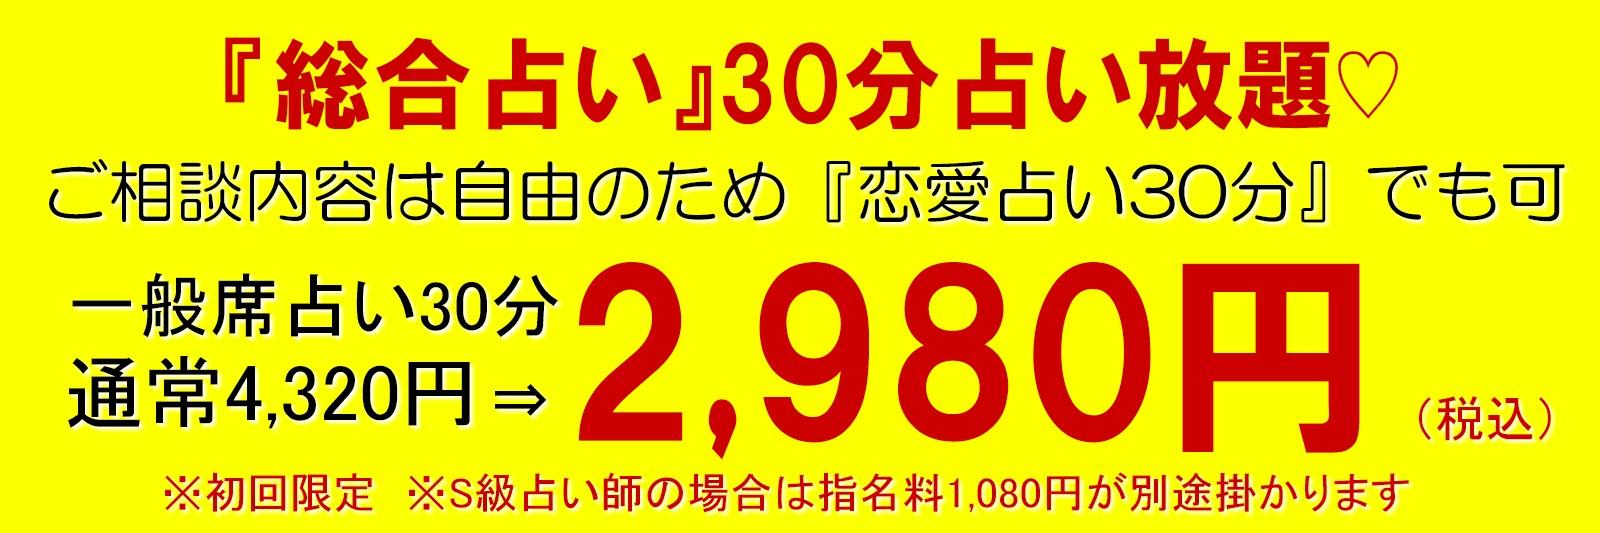 恋愛占い名前・姓名なら東京渋谷で当たると評判の占い館ビーカフェにお任せ!名前・姓名から的確にスピリチュアルカウンセラー(霊視・霊媒・チャネリング)よりアナタが今何をすべきかを伝達してくれます!